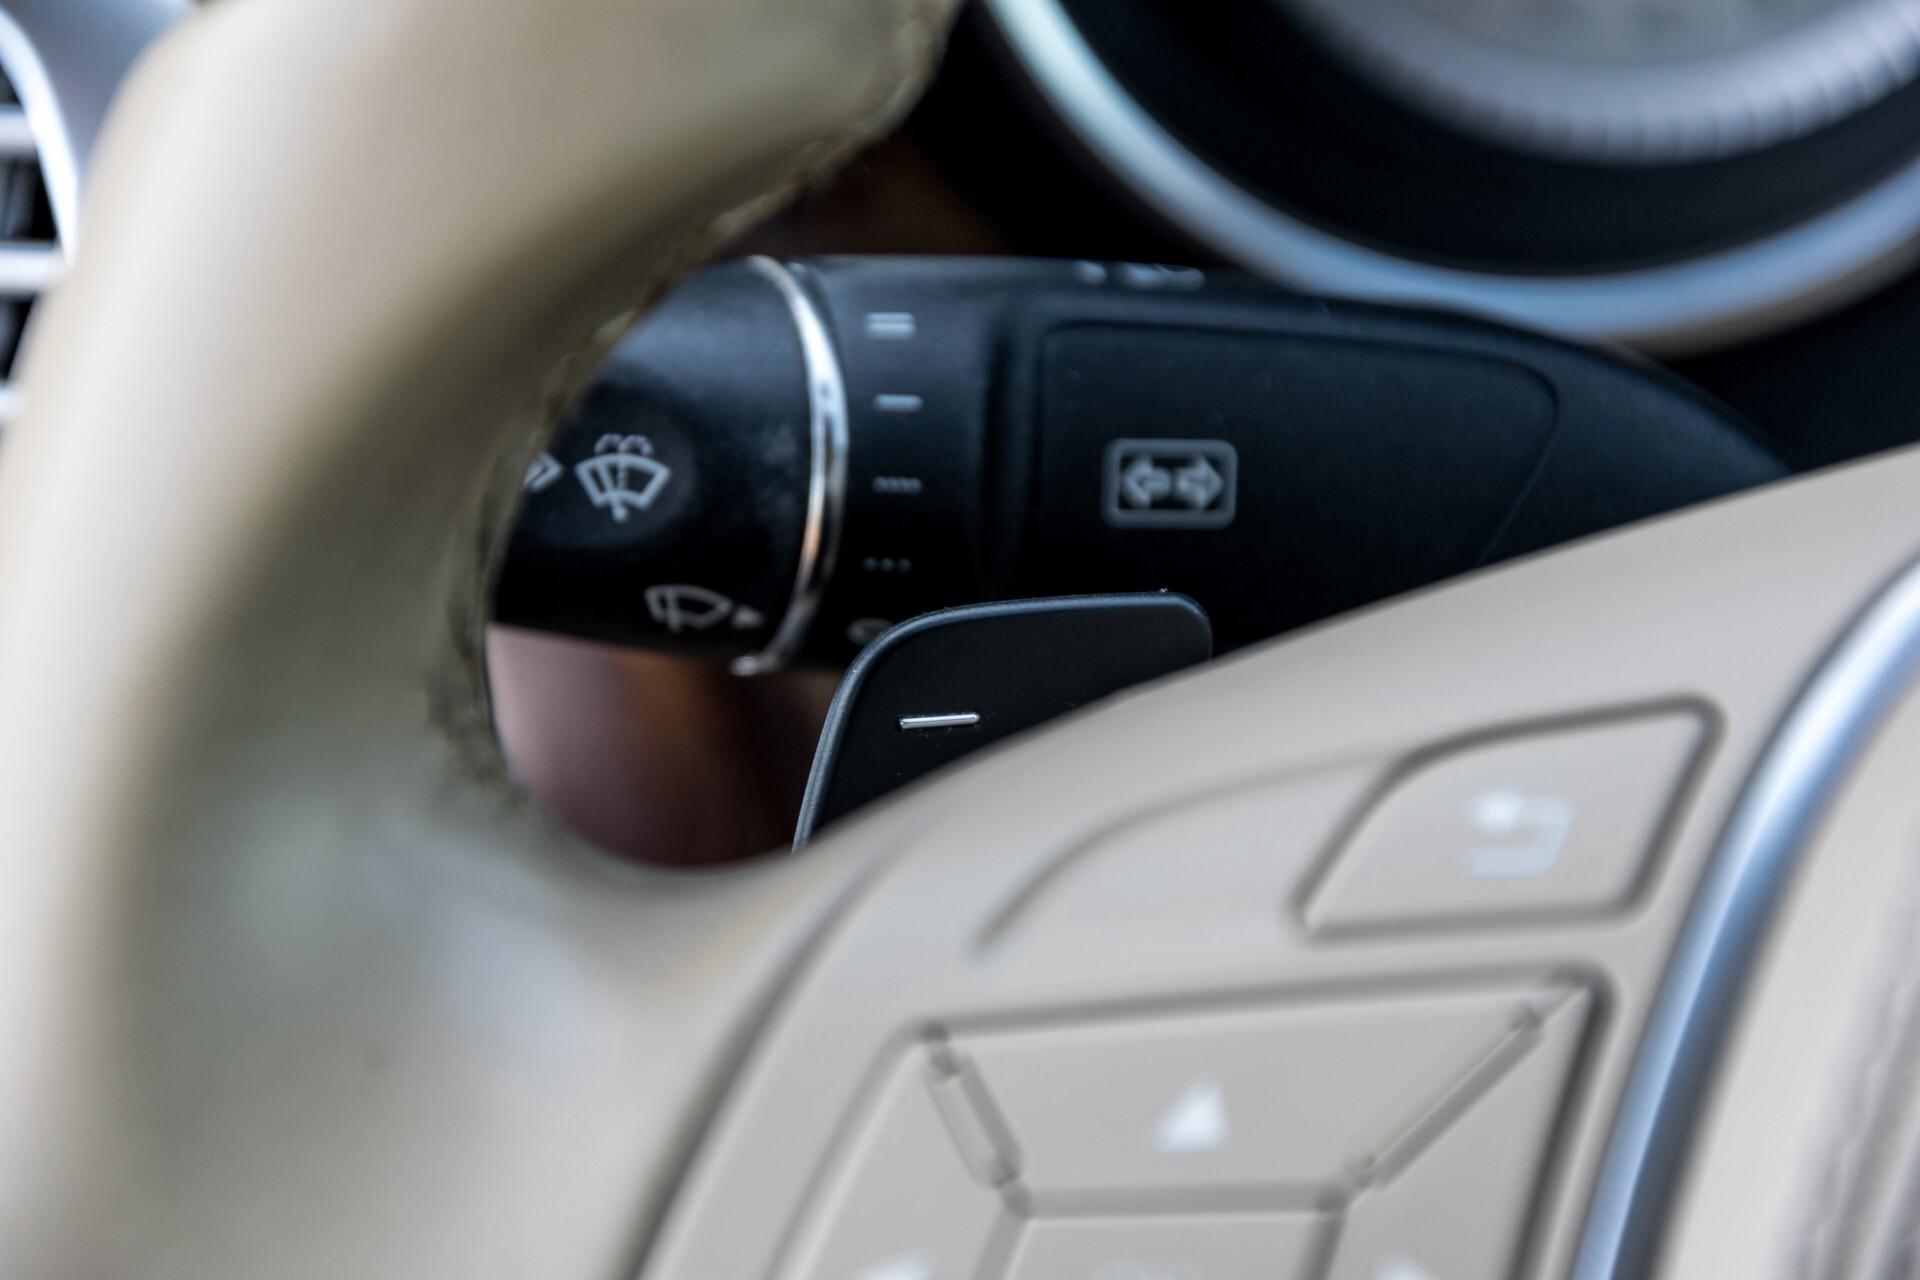 Mercedes-Benz CLS-Klasse 350 Cdi Luchtvering/Distronic/Nachtzicht/AMG/Comand/ILS Aut7 Foto 12